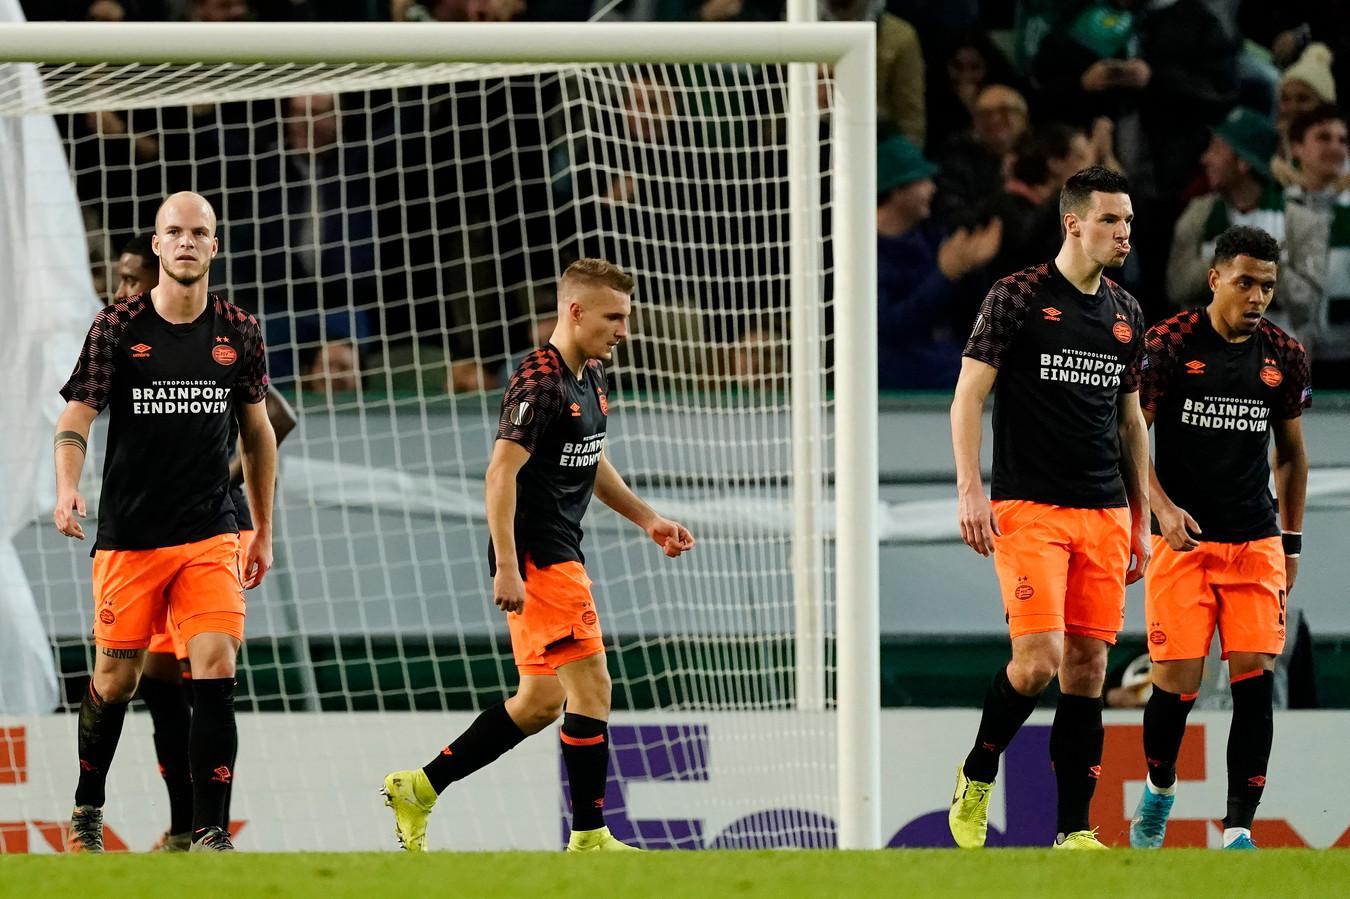 Heel PSV hapte afgelopen donderdag naar adem in Lissabon, op de foto staan Jorrit Hendrix, Michal Sadílek, Nick Viergever en Donyell Malen.